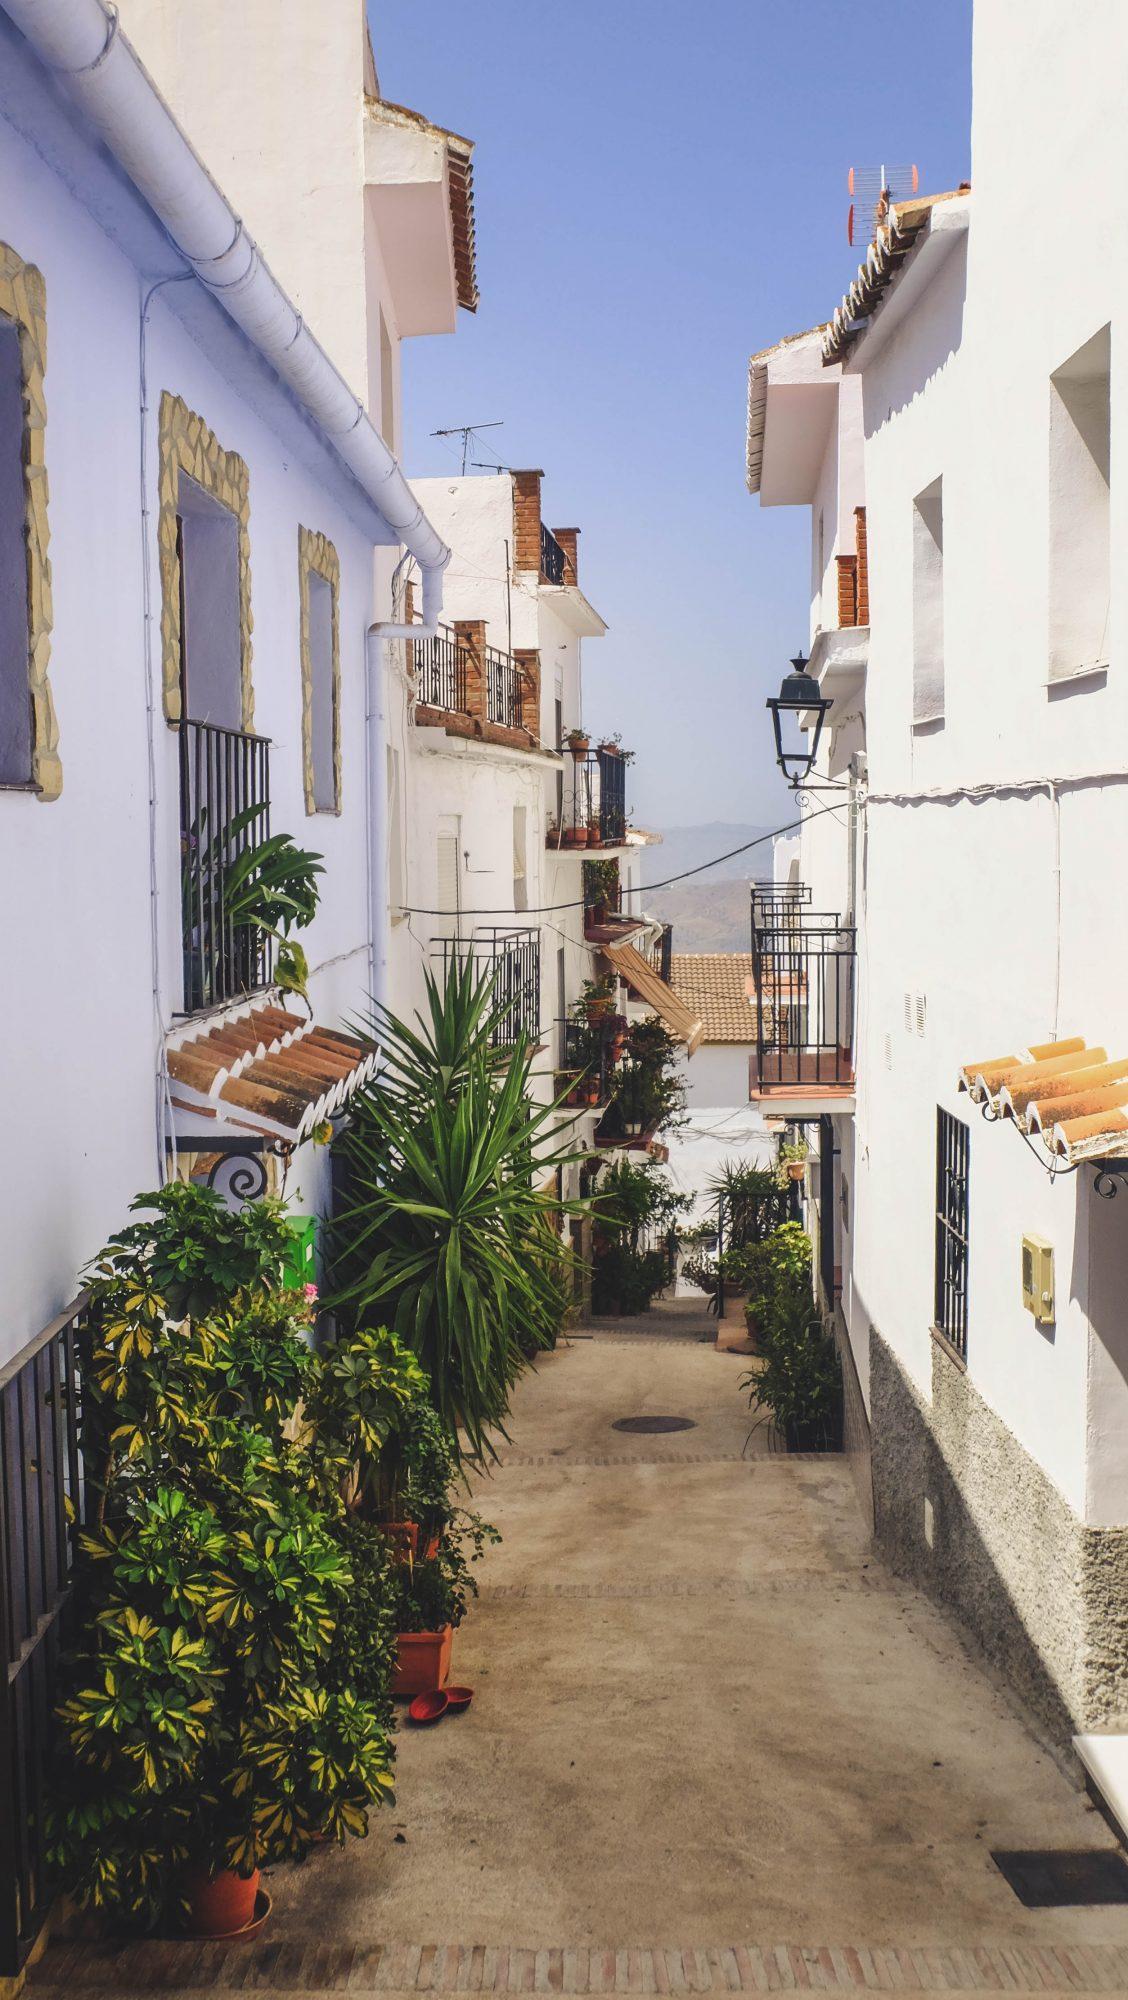 Ruelle typique - Canillas de Aceituno, Espagne